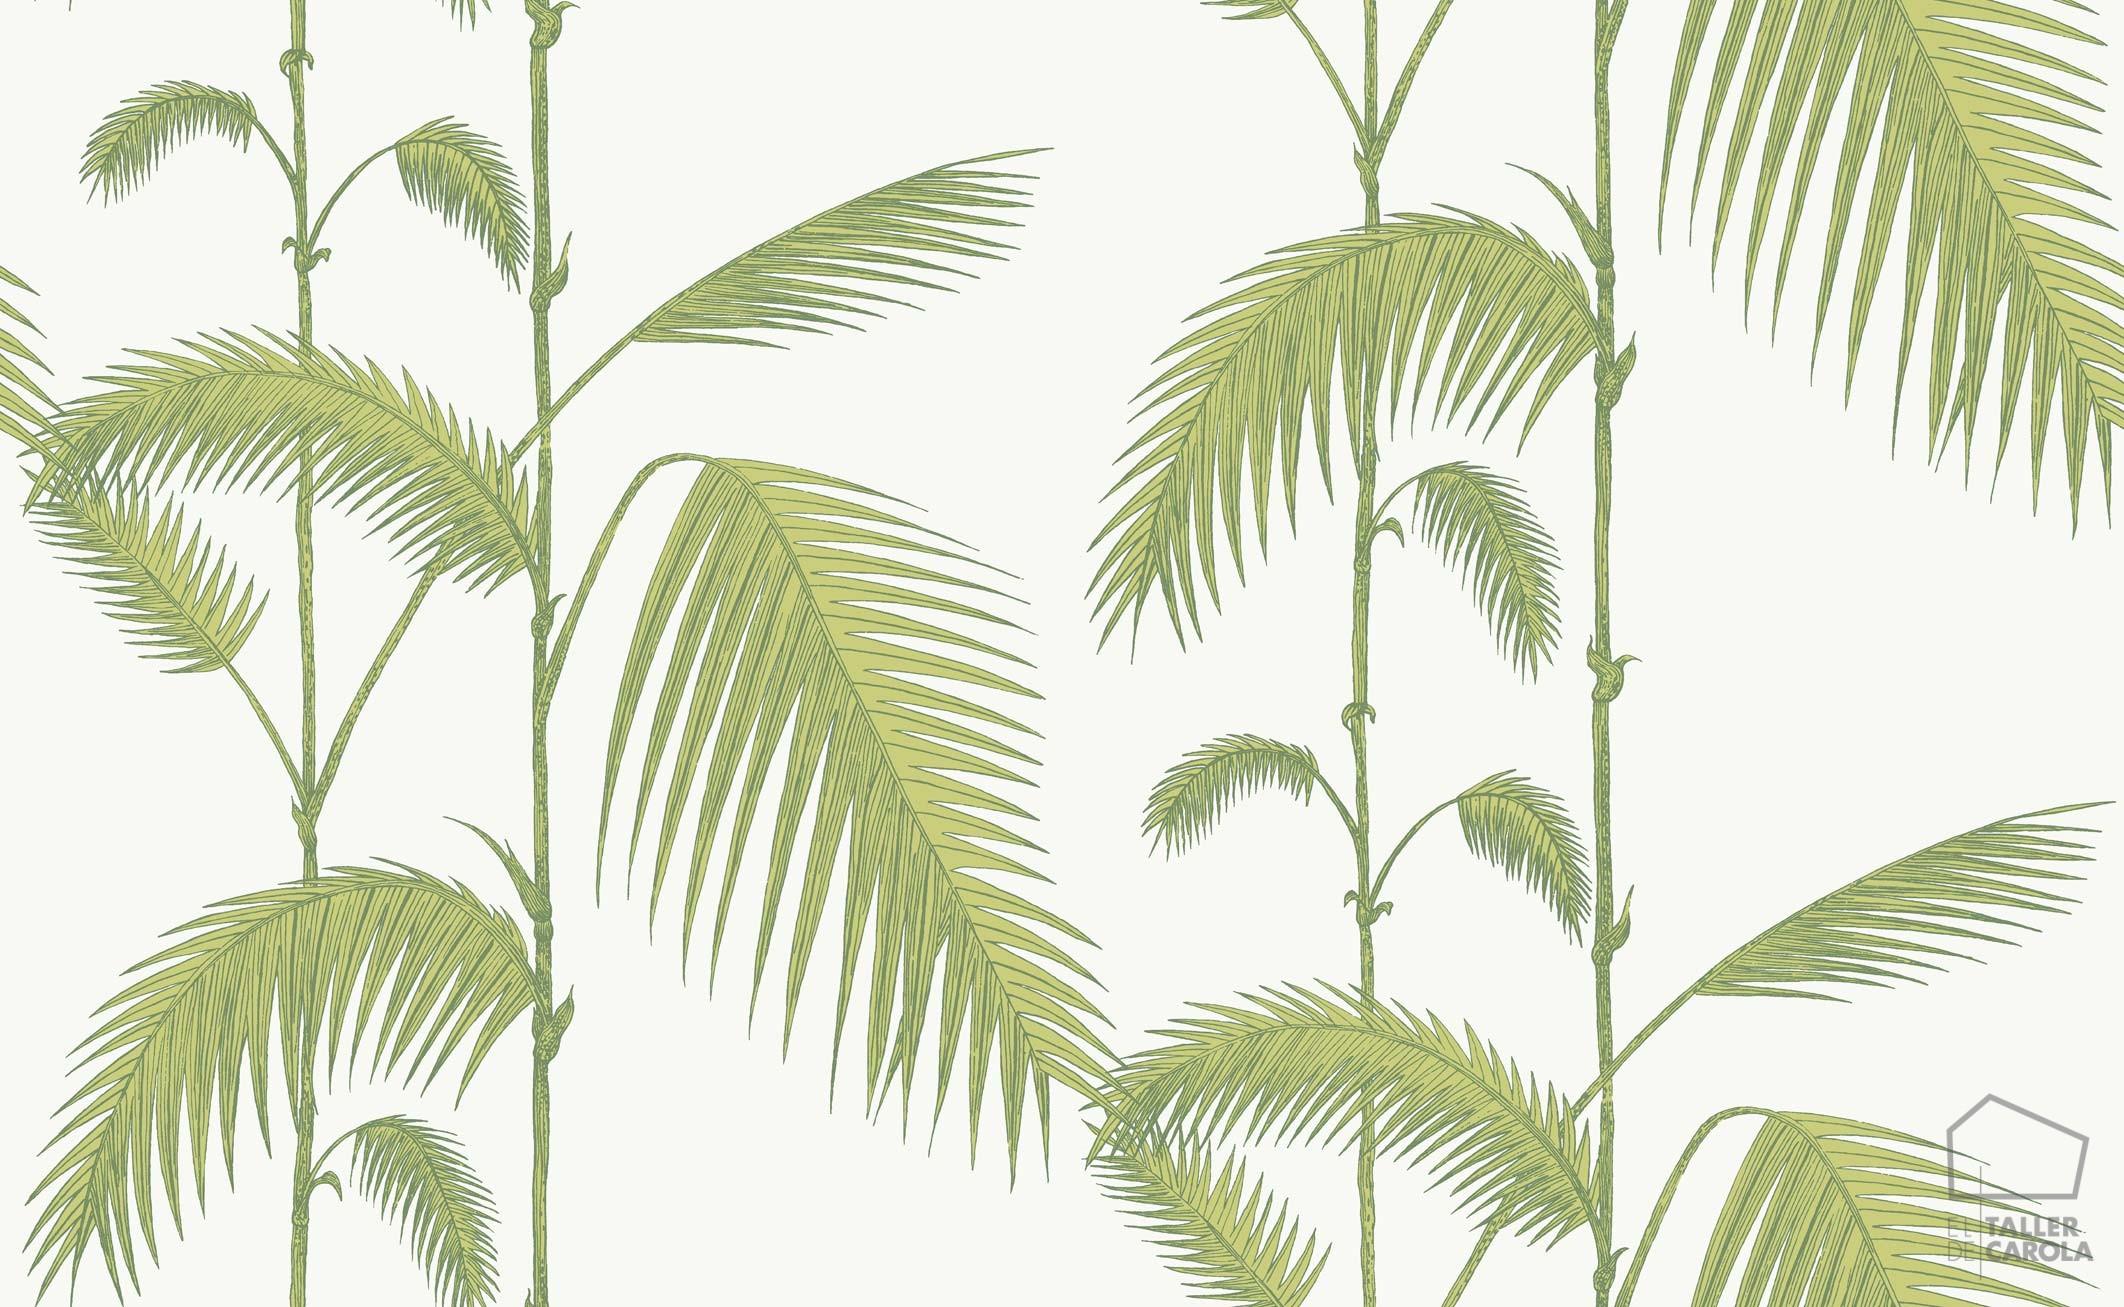 083paljun-95-1009 Papel Pintado Hojas Palmeras Verde Claro y Blanco